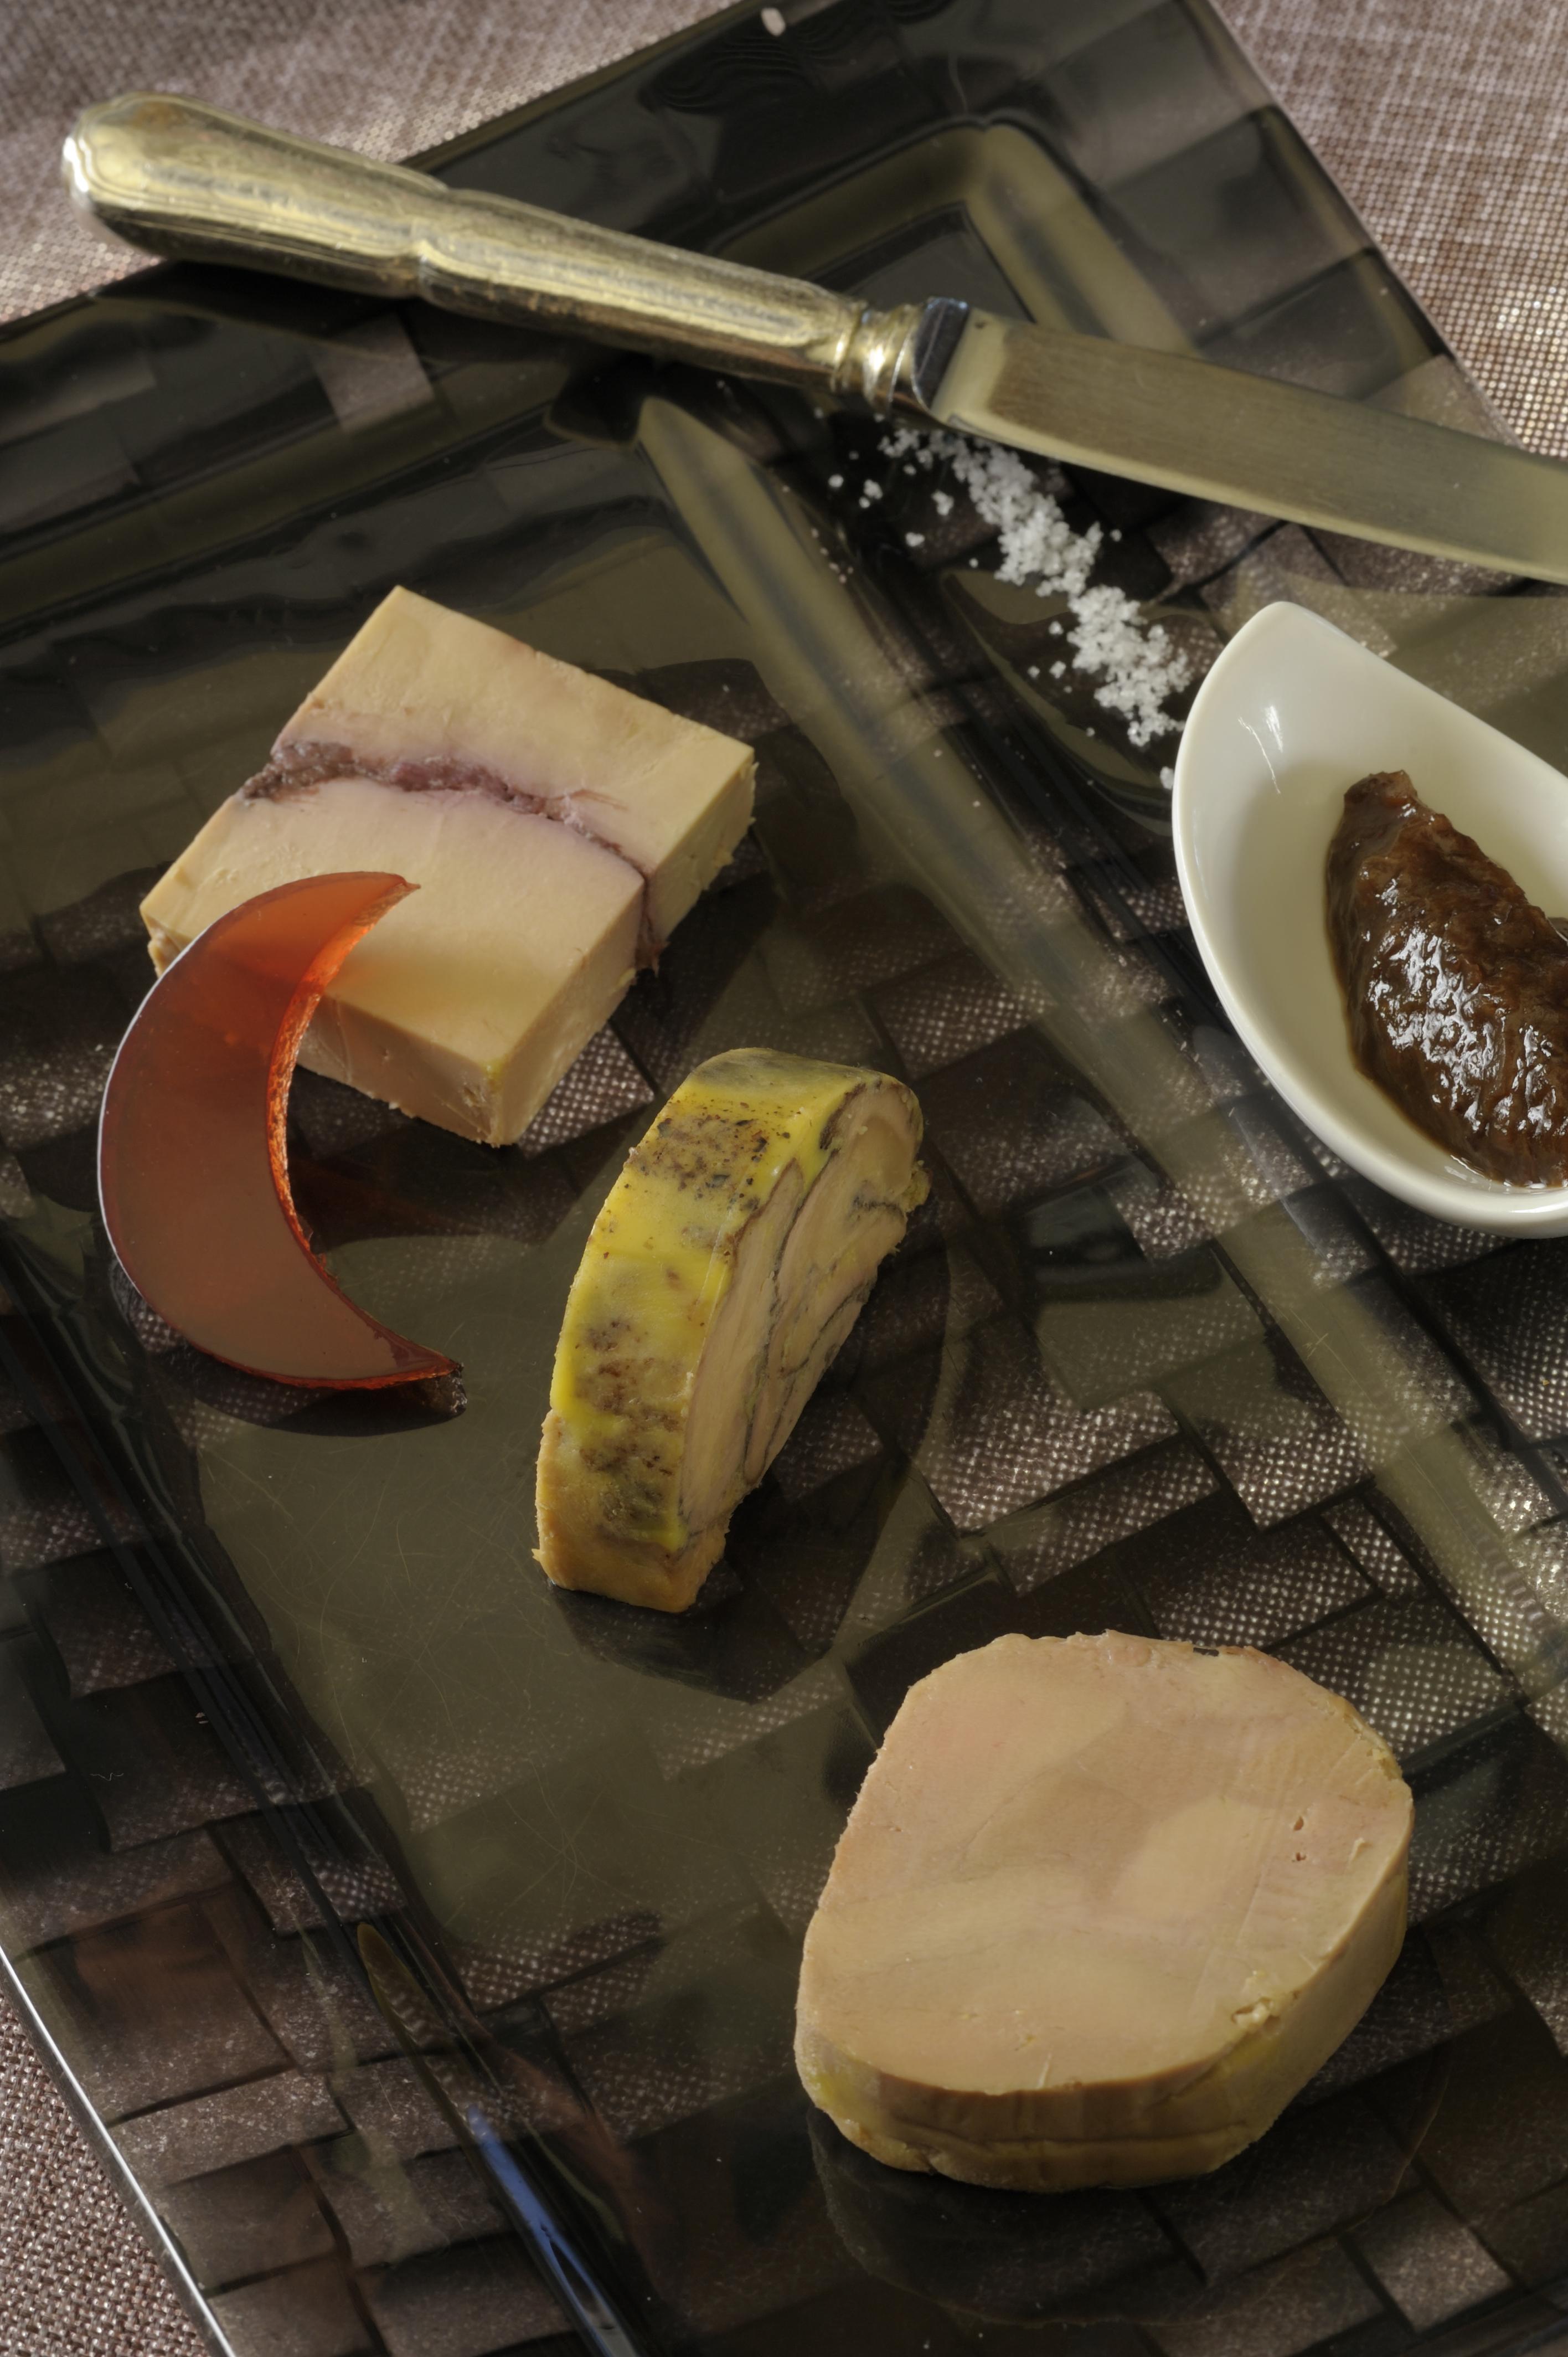 089-Trilogie de foie gras - Hostellerie la Cheneaudiere ©Jo Pesendorfer - Copie